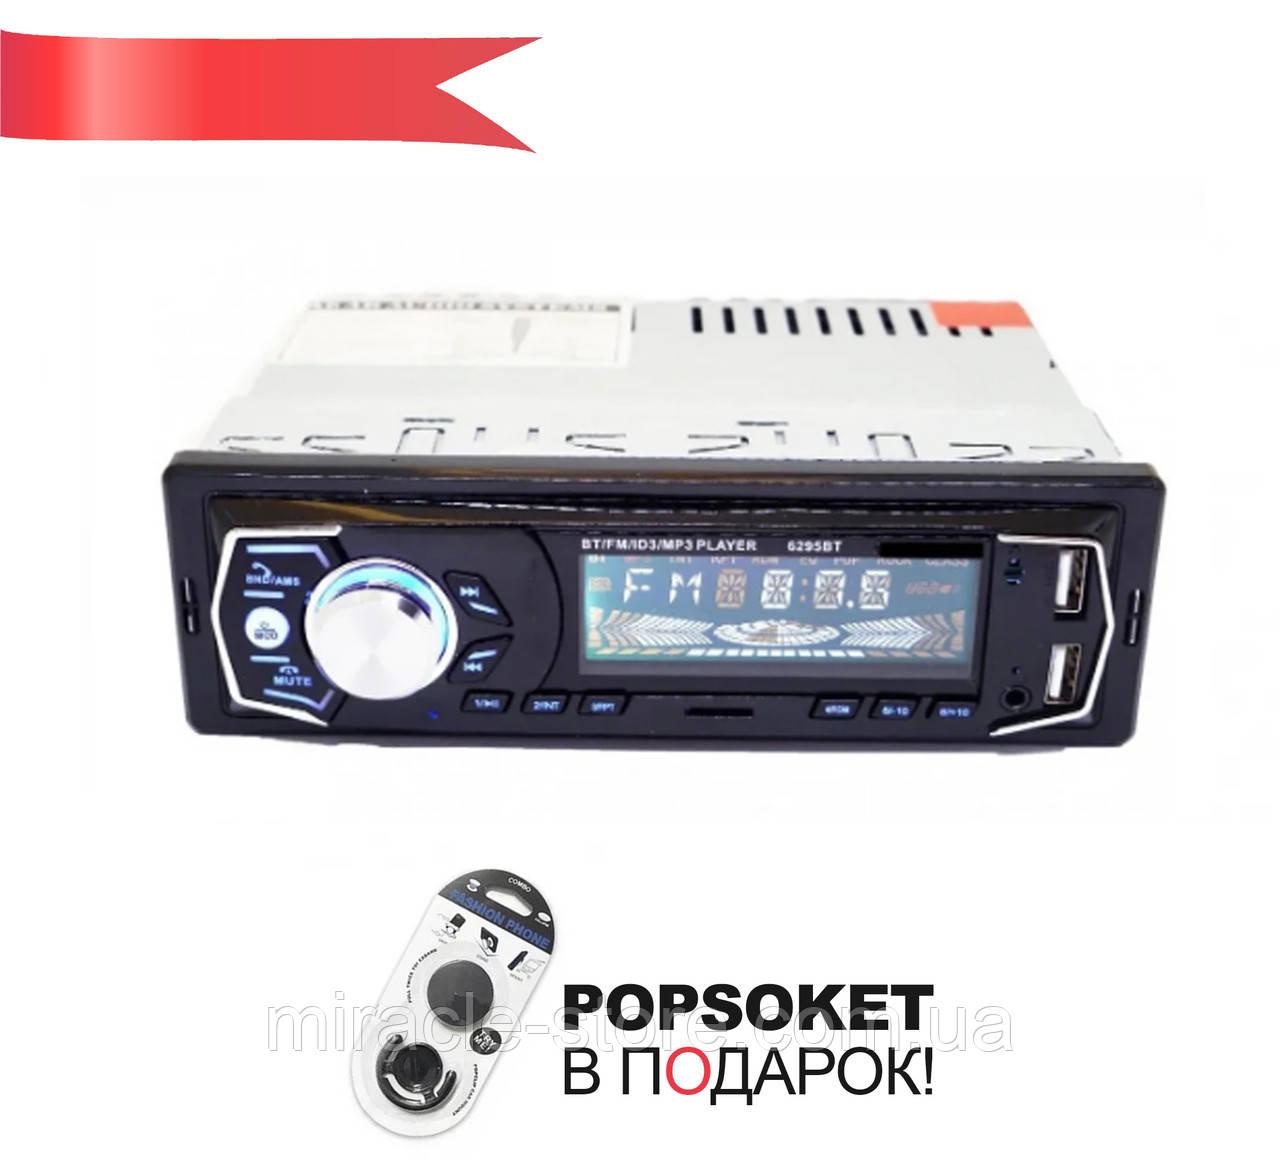 Автомагнітола магнітола у авто з пультом Bluetooth зі знімною панеллю та підсвіткою